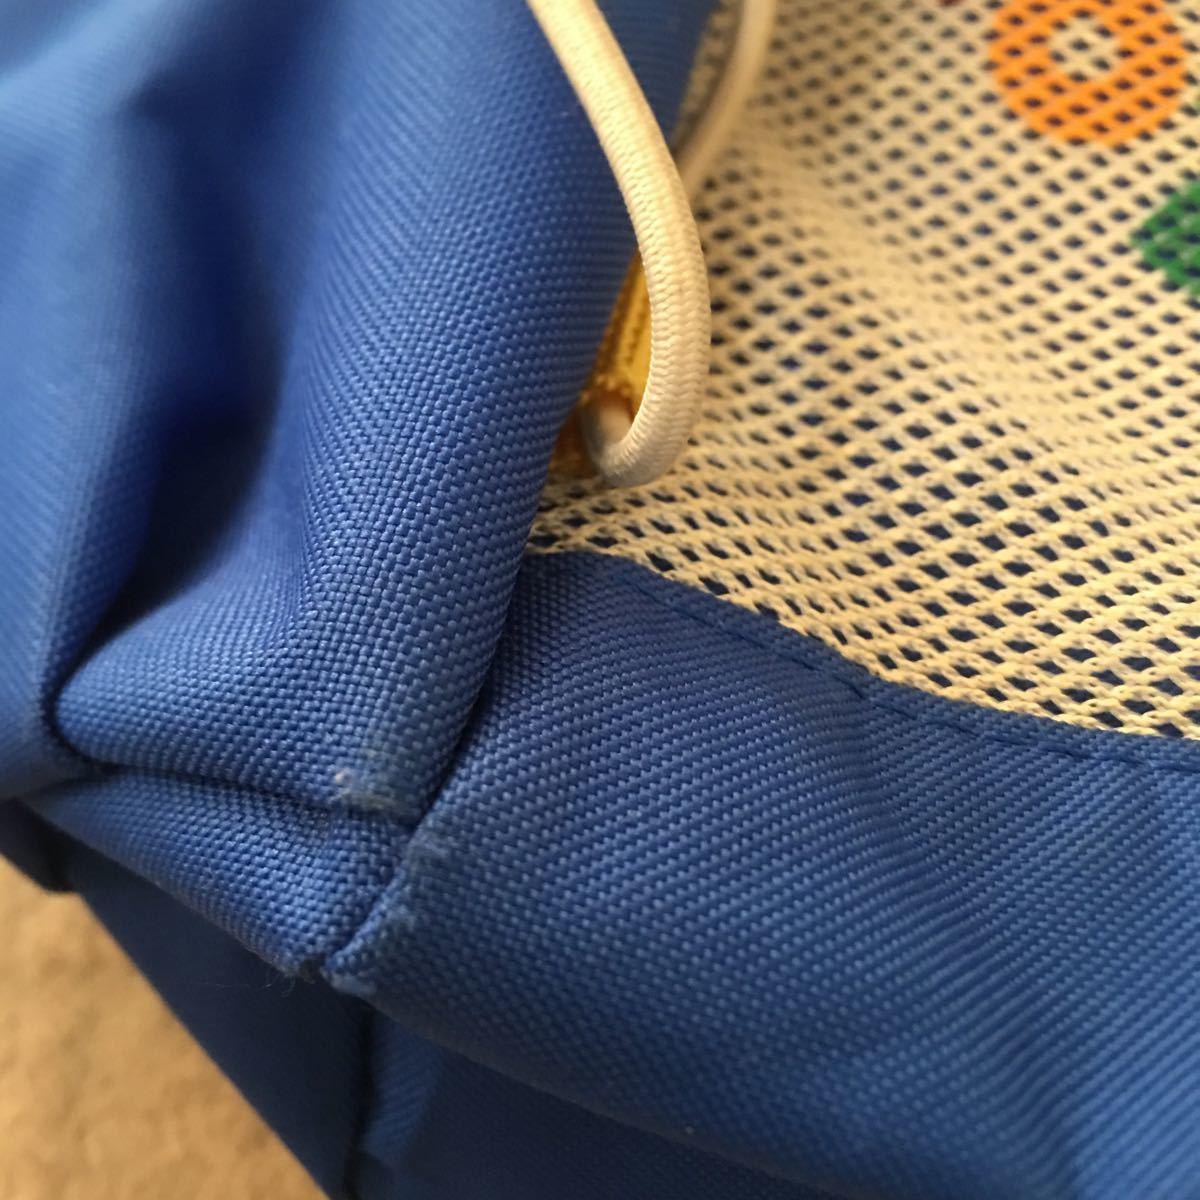 ミキハウス リュックサック 男の子 B級品 ホット ビスケッツ クマ 子供用 鞄 リュック_画像9